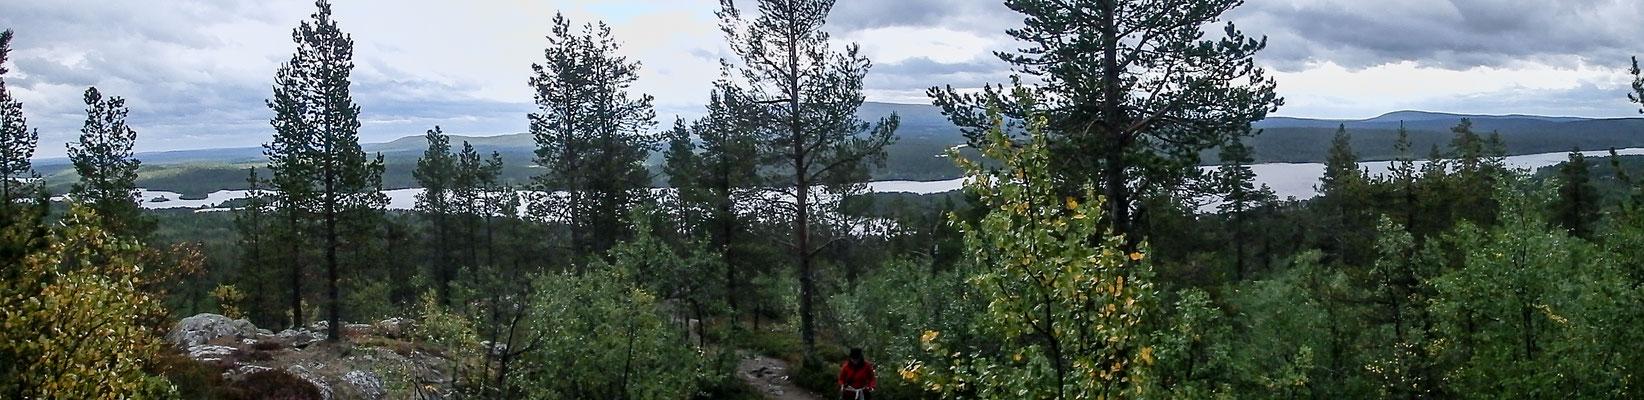 Bild: Ausblick Jyppyrä